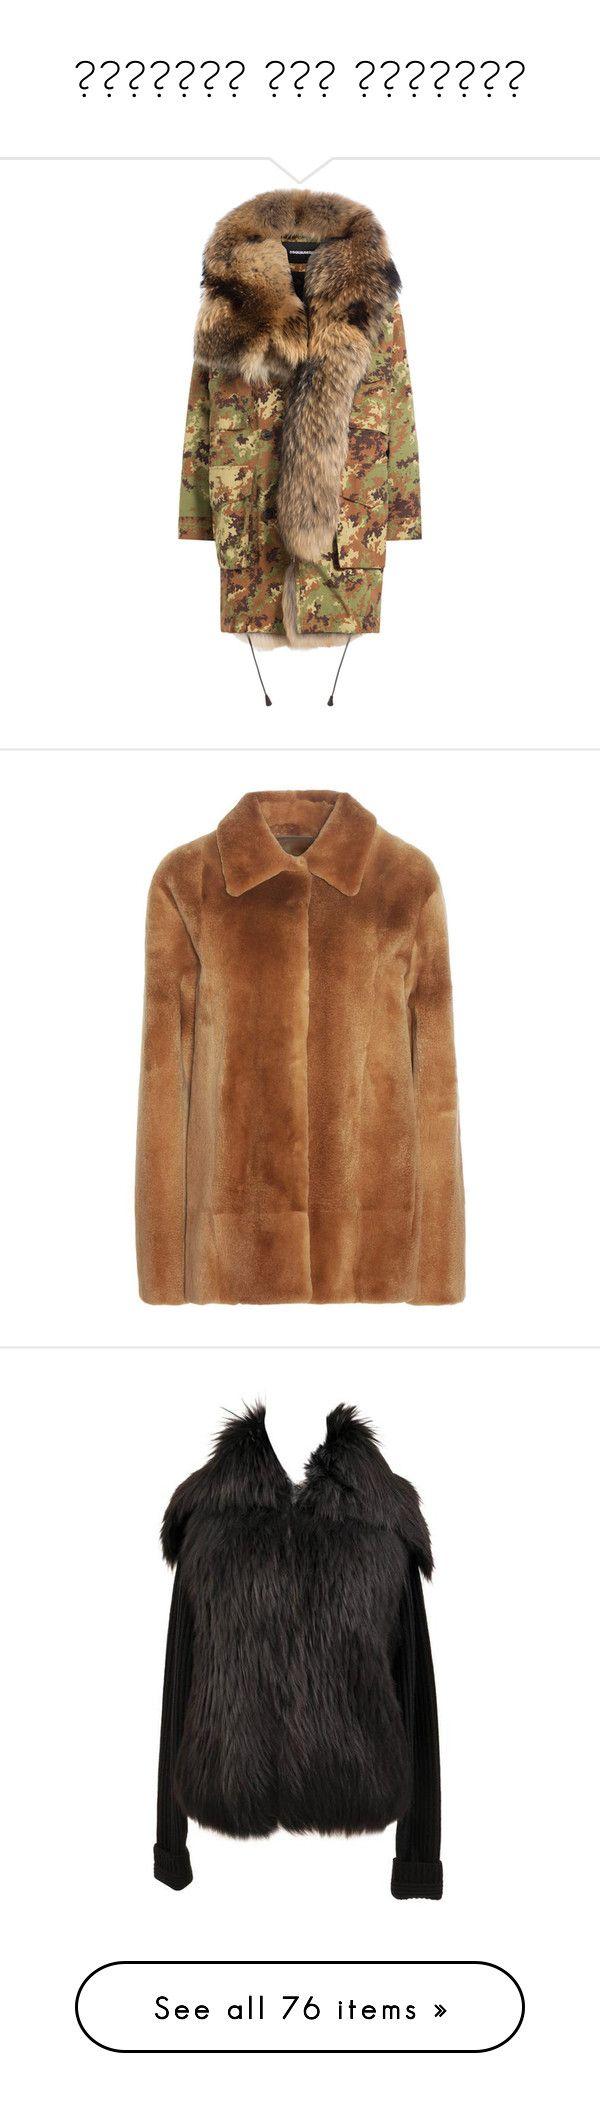 """""""μπουφάν και ζακέτες"""" by harikleiatsirka ❤ liked on Polyvore featuring shoes, boots, jackets, fur lining coat, parka coat, fur lined coat, fur lined parka coat, dsquared2, outerwear and fur jacket"""